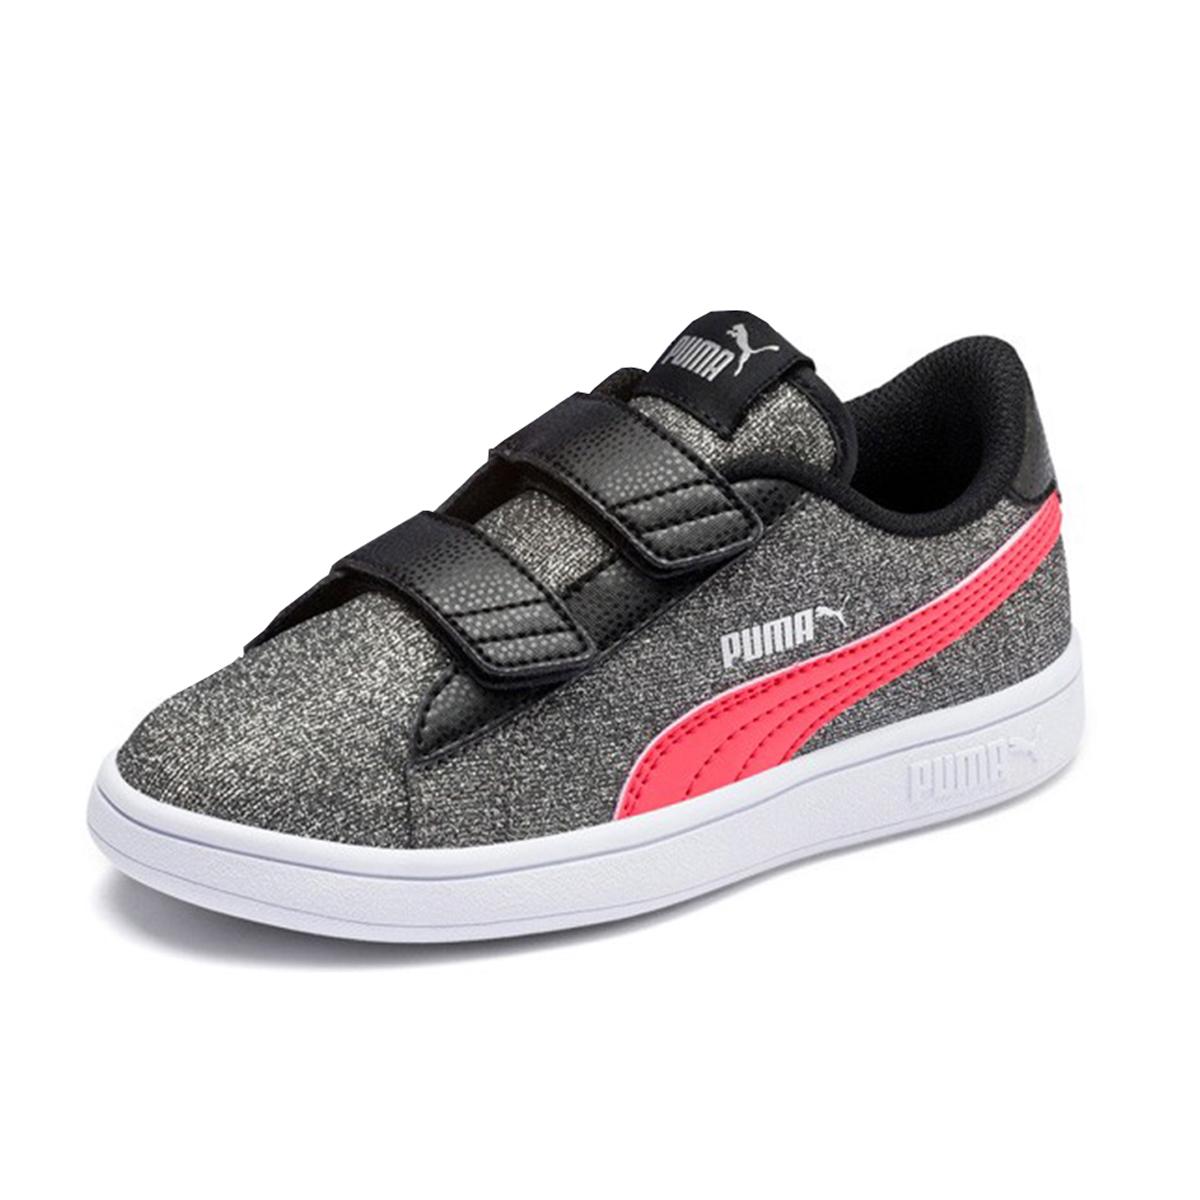 Puma Smash v2 Glitz GlamV PS Glitzer Kinder Mädchen Schuh Sneaker